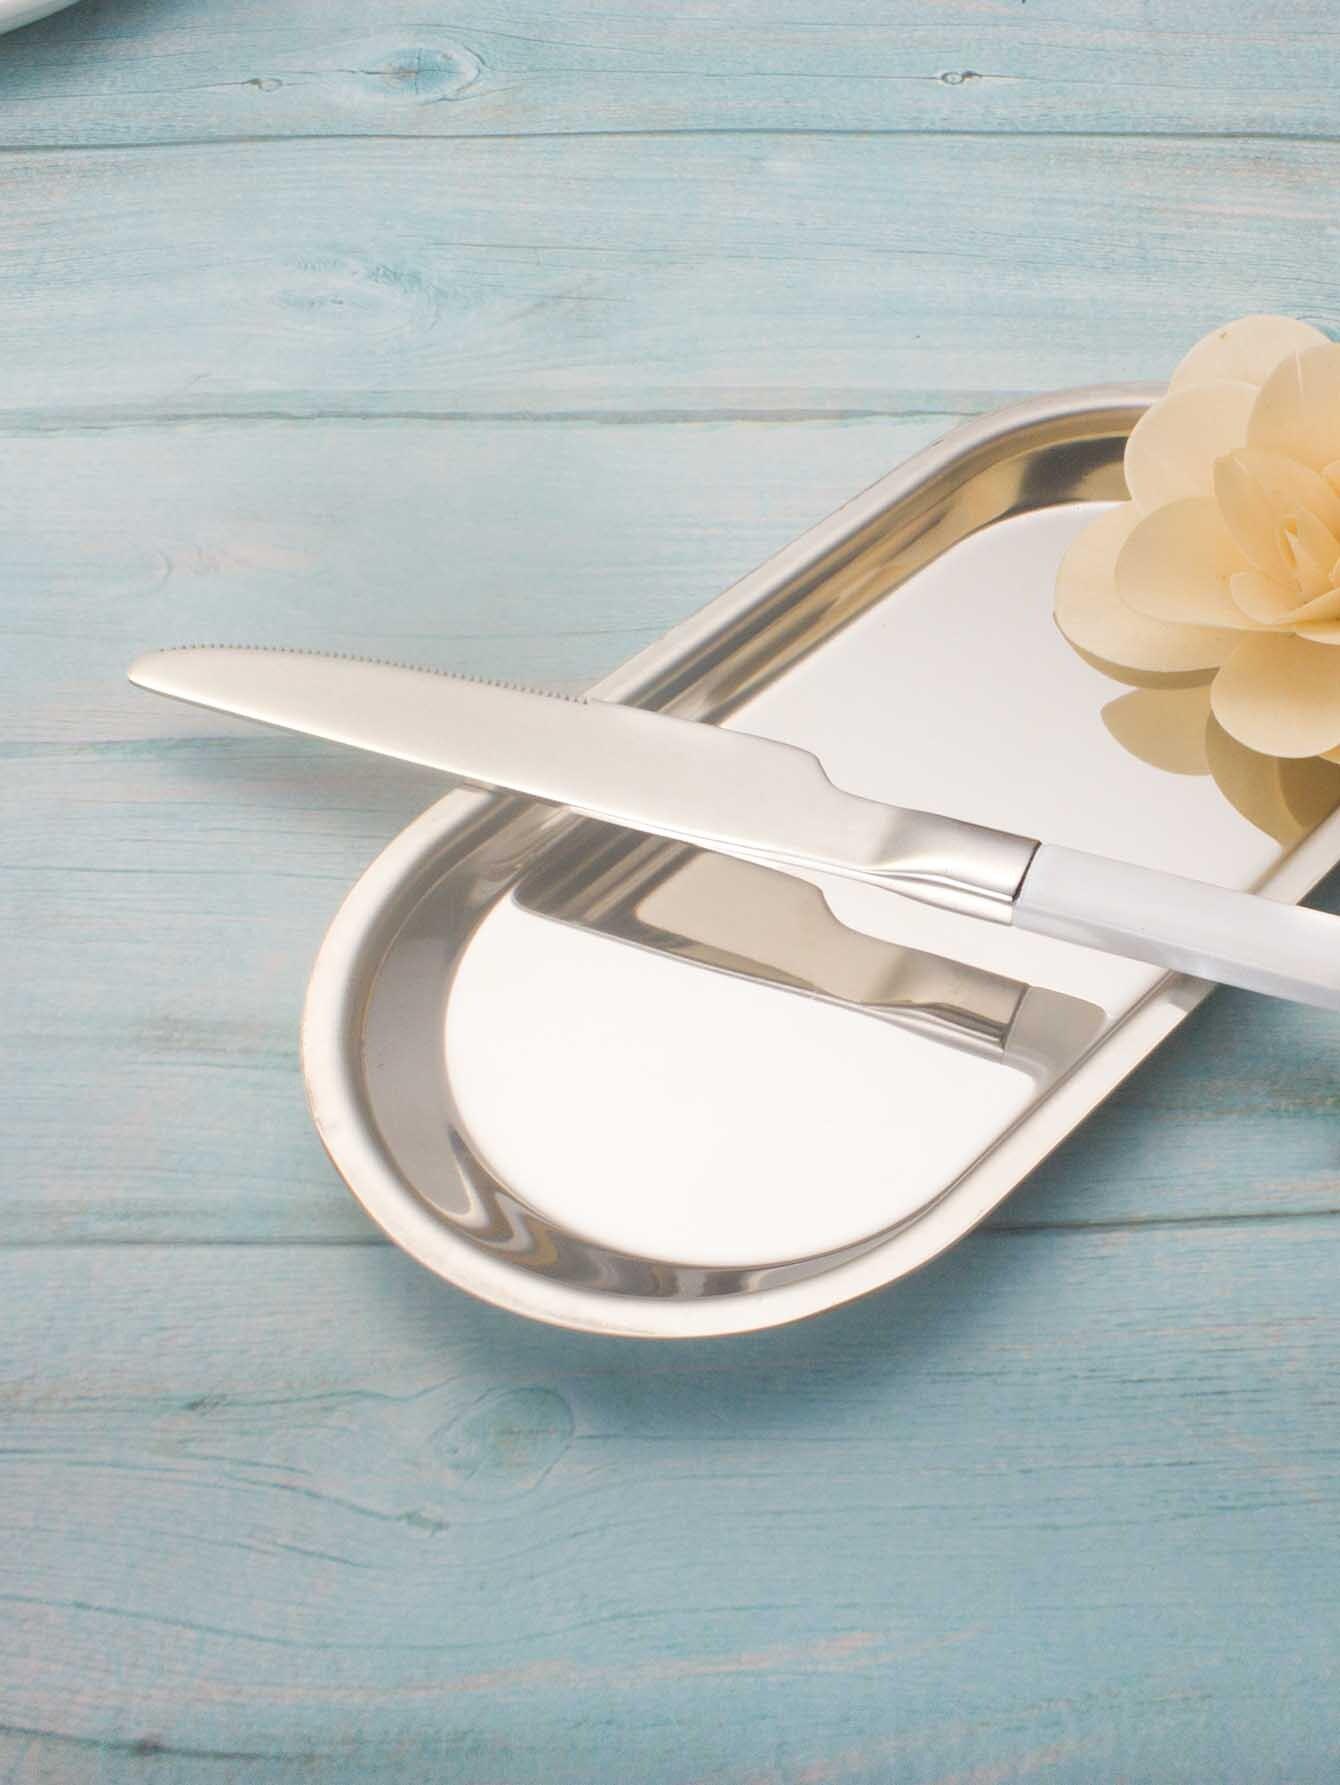 Cuchillo de mesa de acero inoxidable -Spanish Romwe